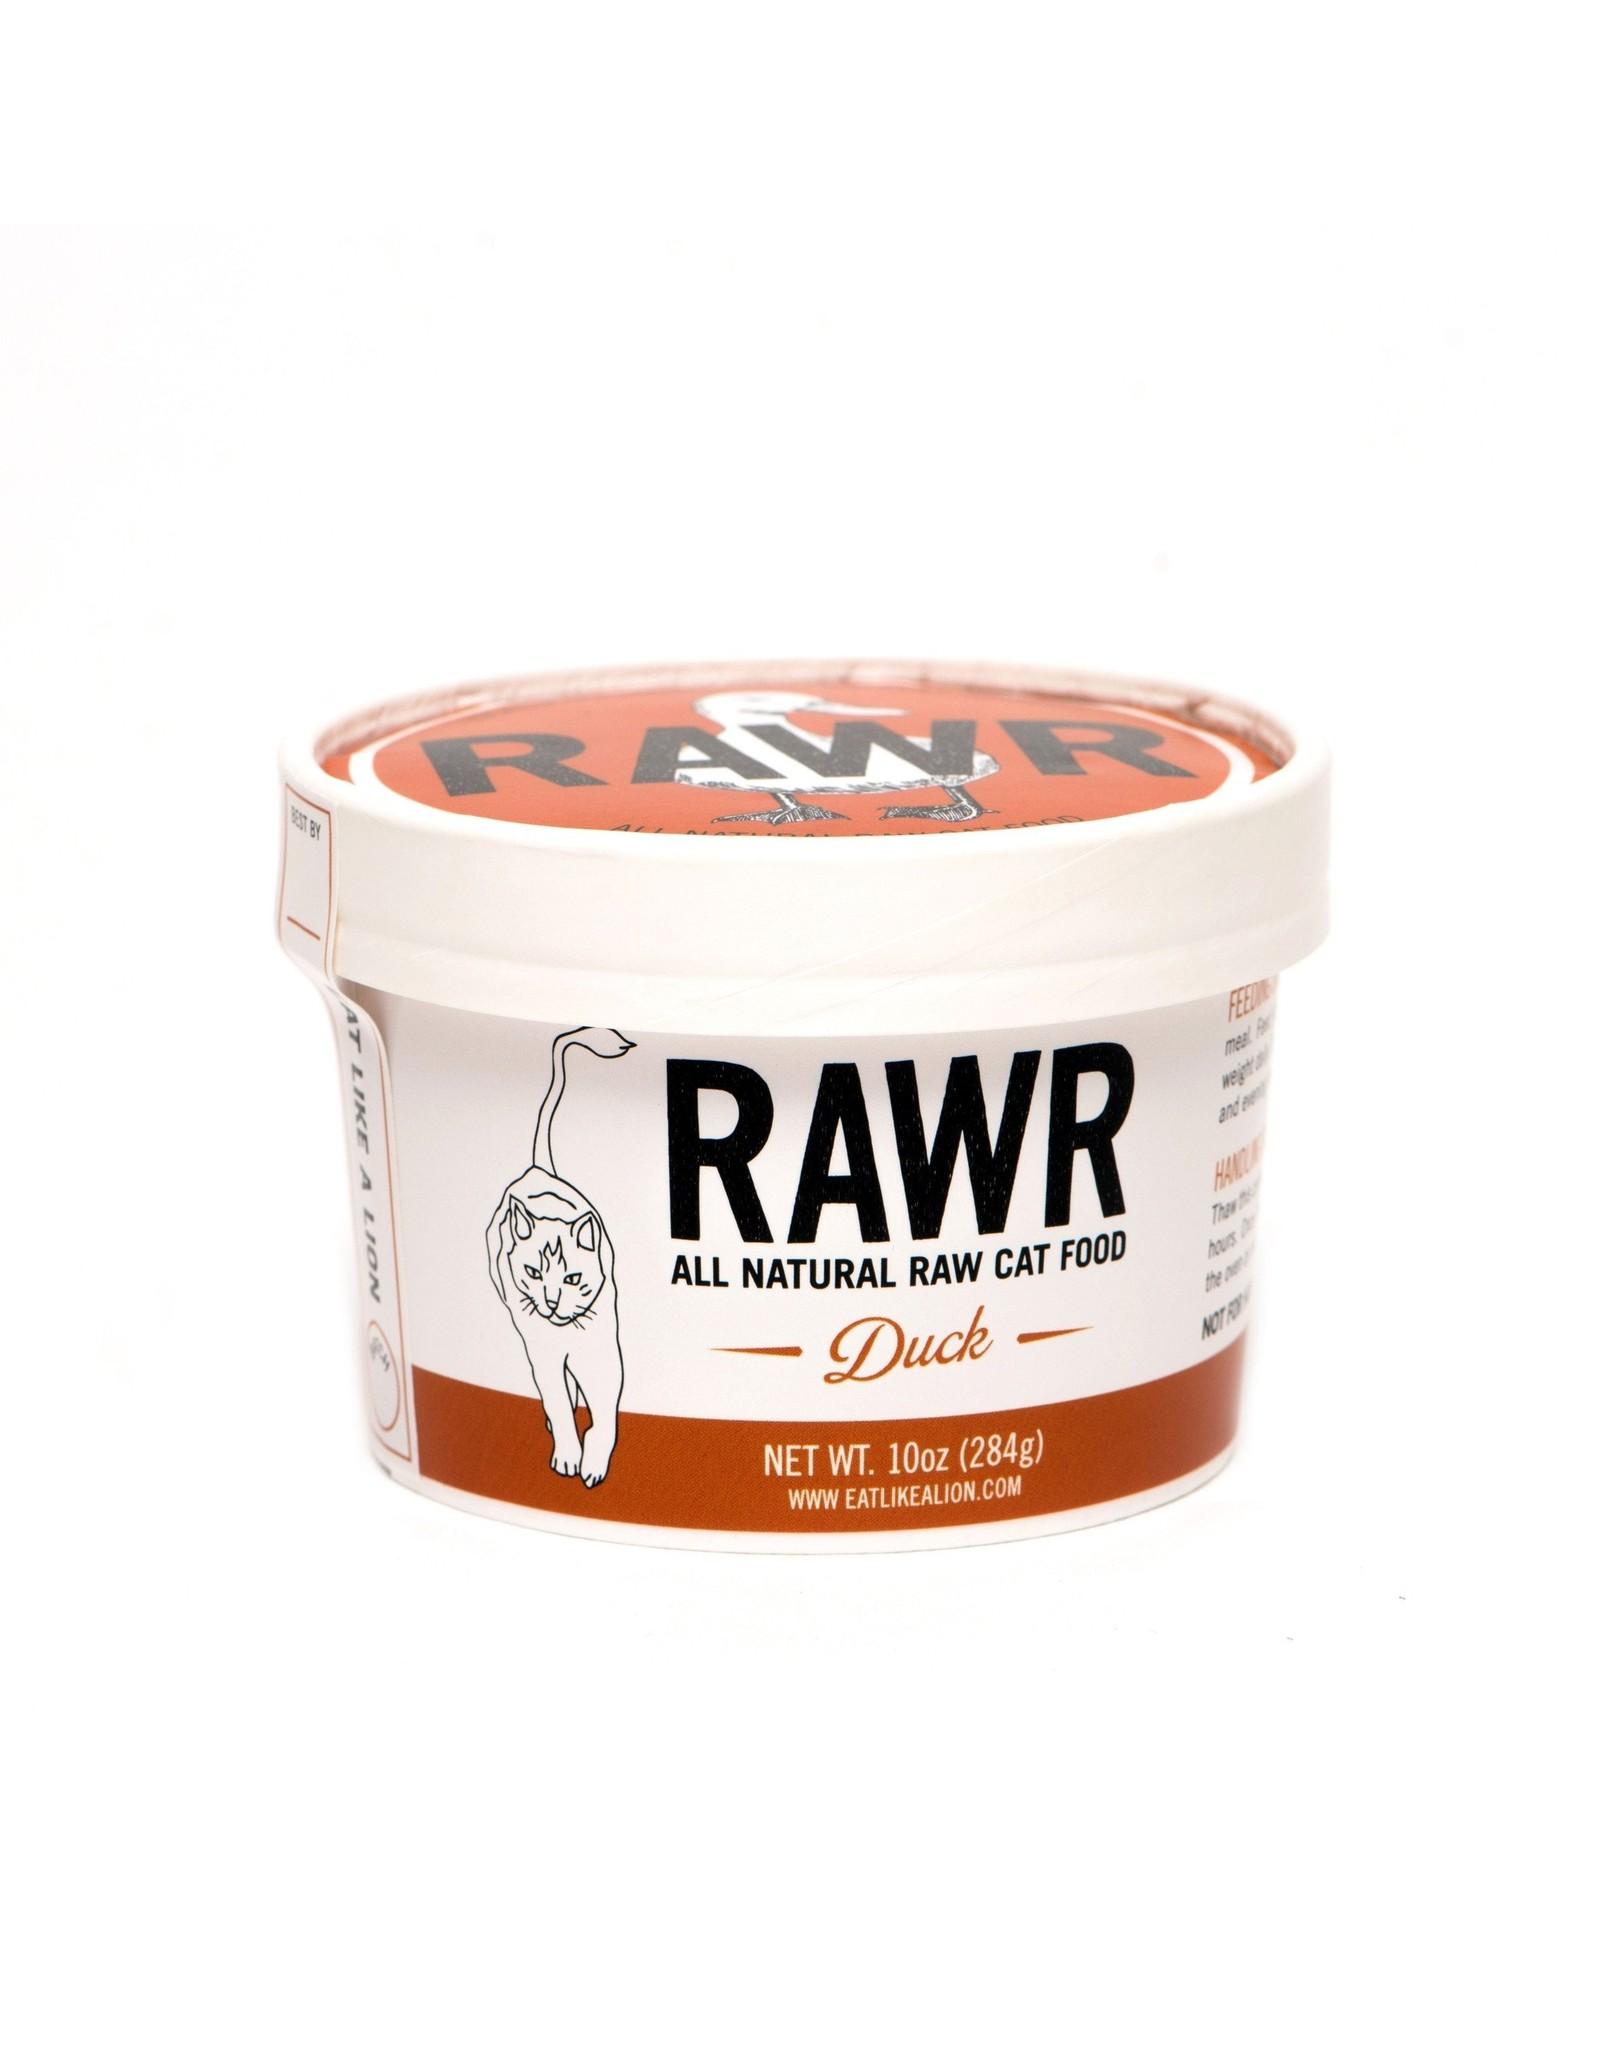 Rawr RAWR RAW FROZEN DUCK CAT FOOD 16OZ